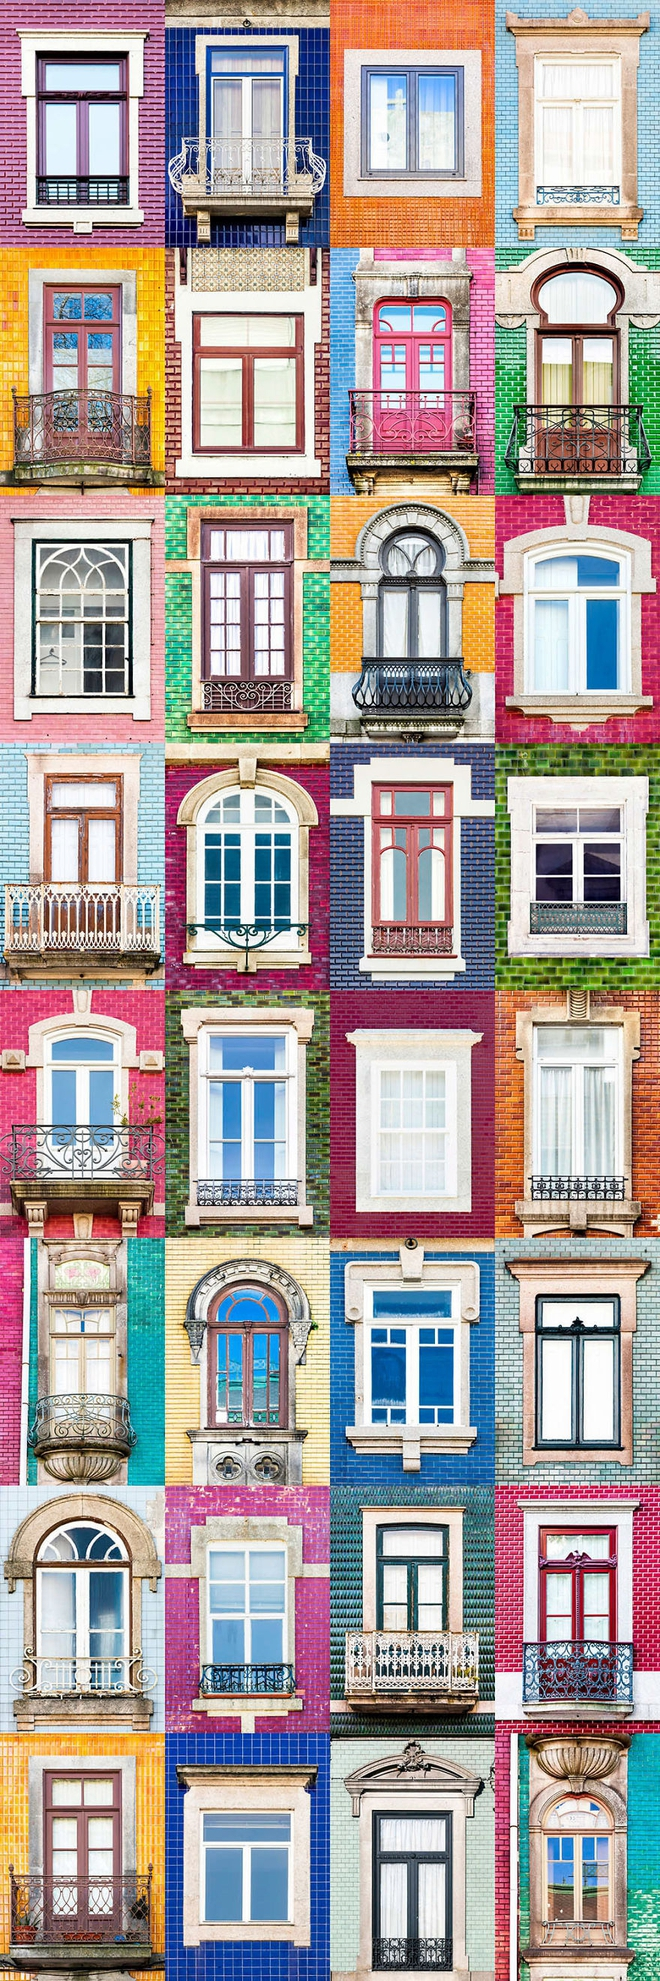 Mãn nhãn với 14 phong cách thiết kế cửa sổ ấn tượng ở Bồ Đào Nha - Ảnh 3.